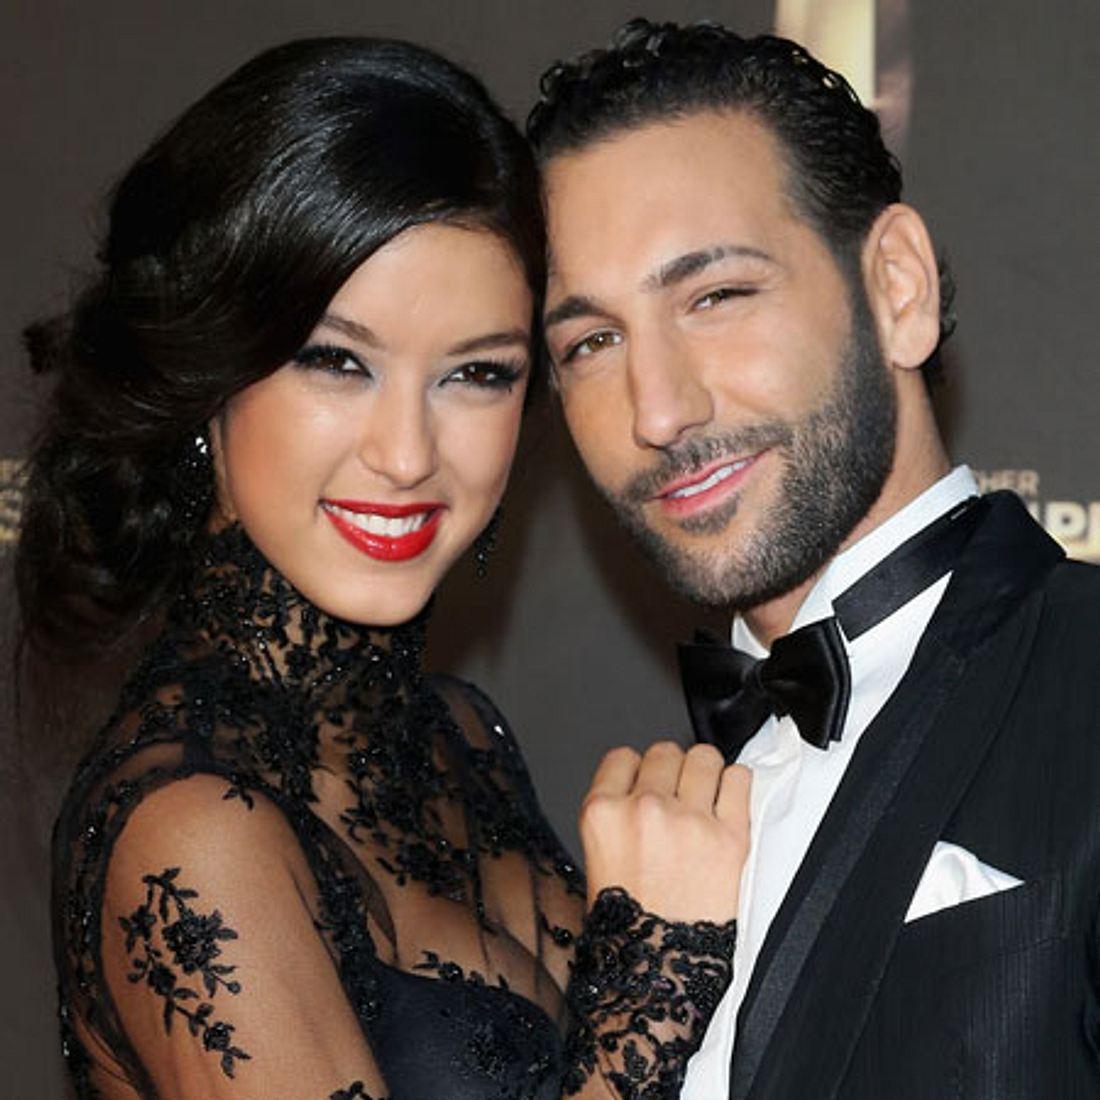 Stehen Rebecca Mir und Massimo Sinato kurz vor der Trennung?